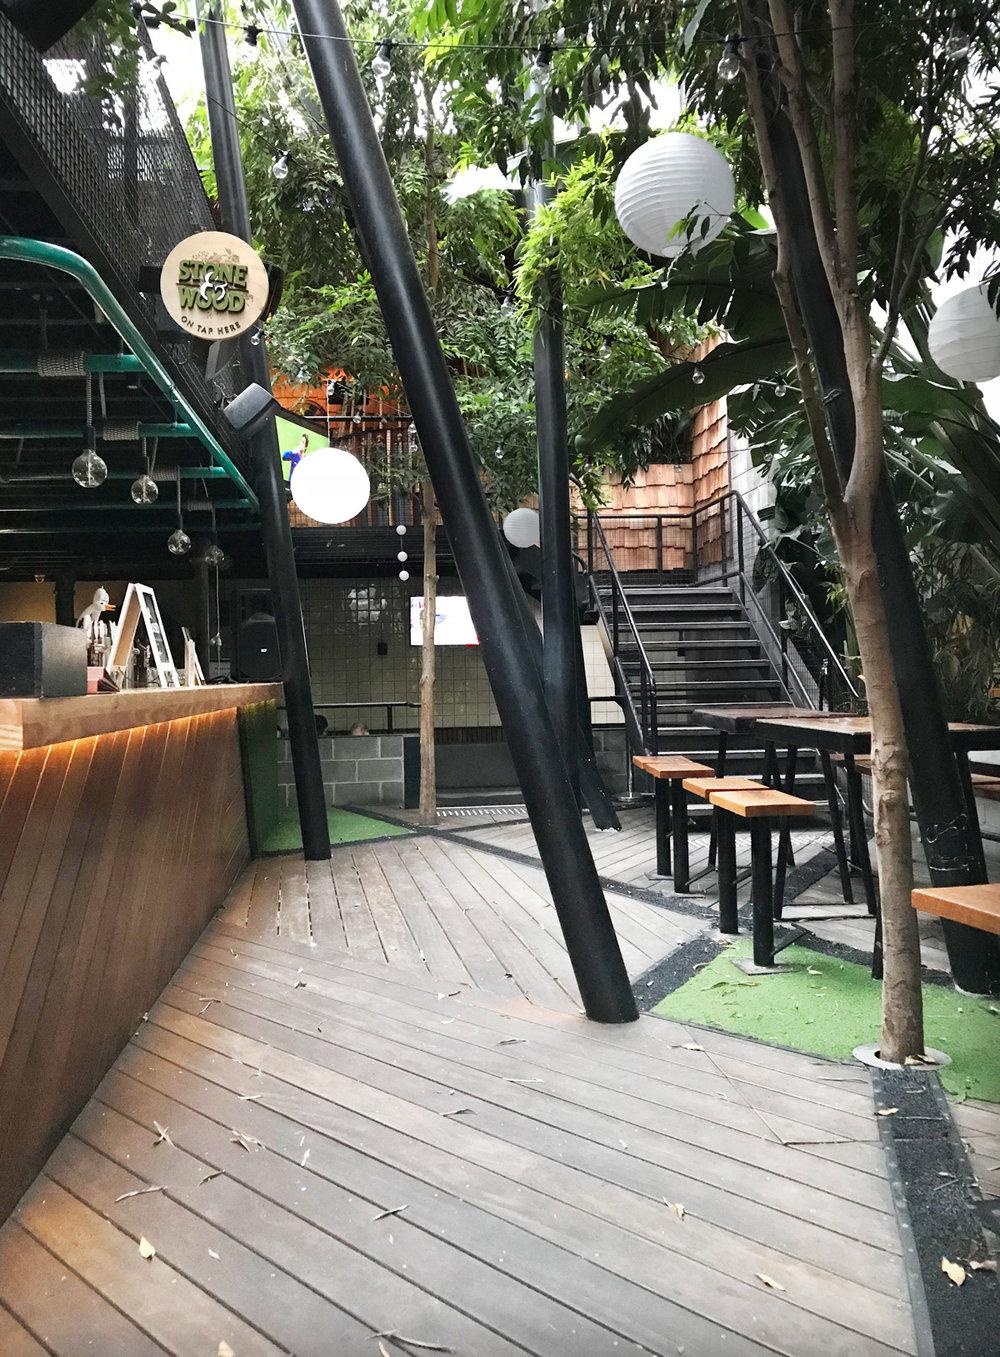 Terminus-urban-jungle-beer-garden.jpg